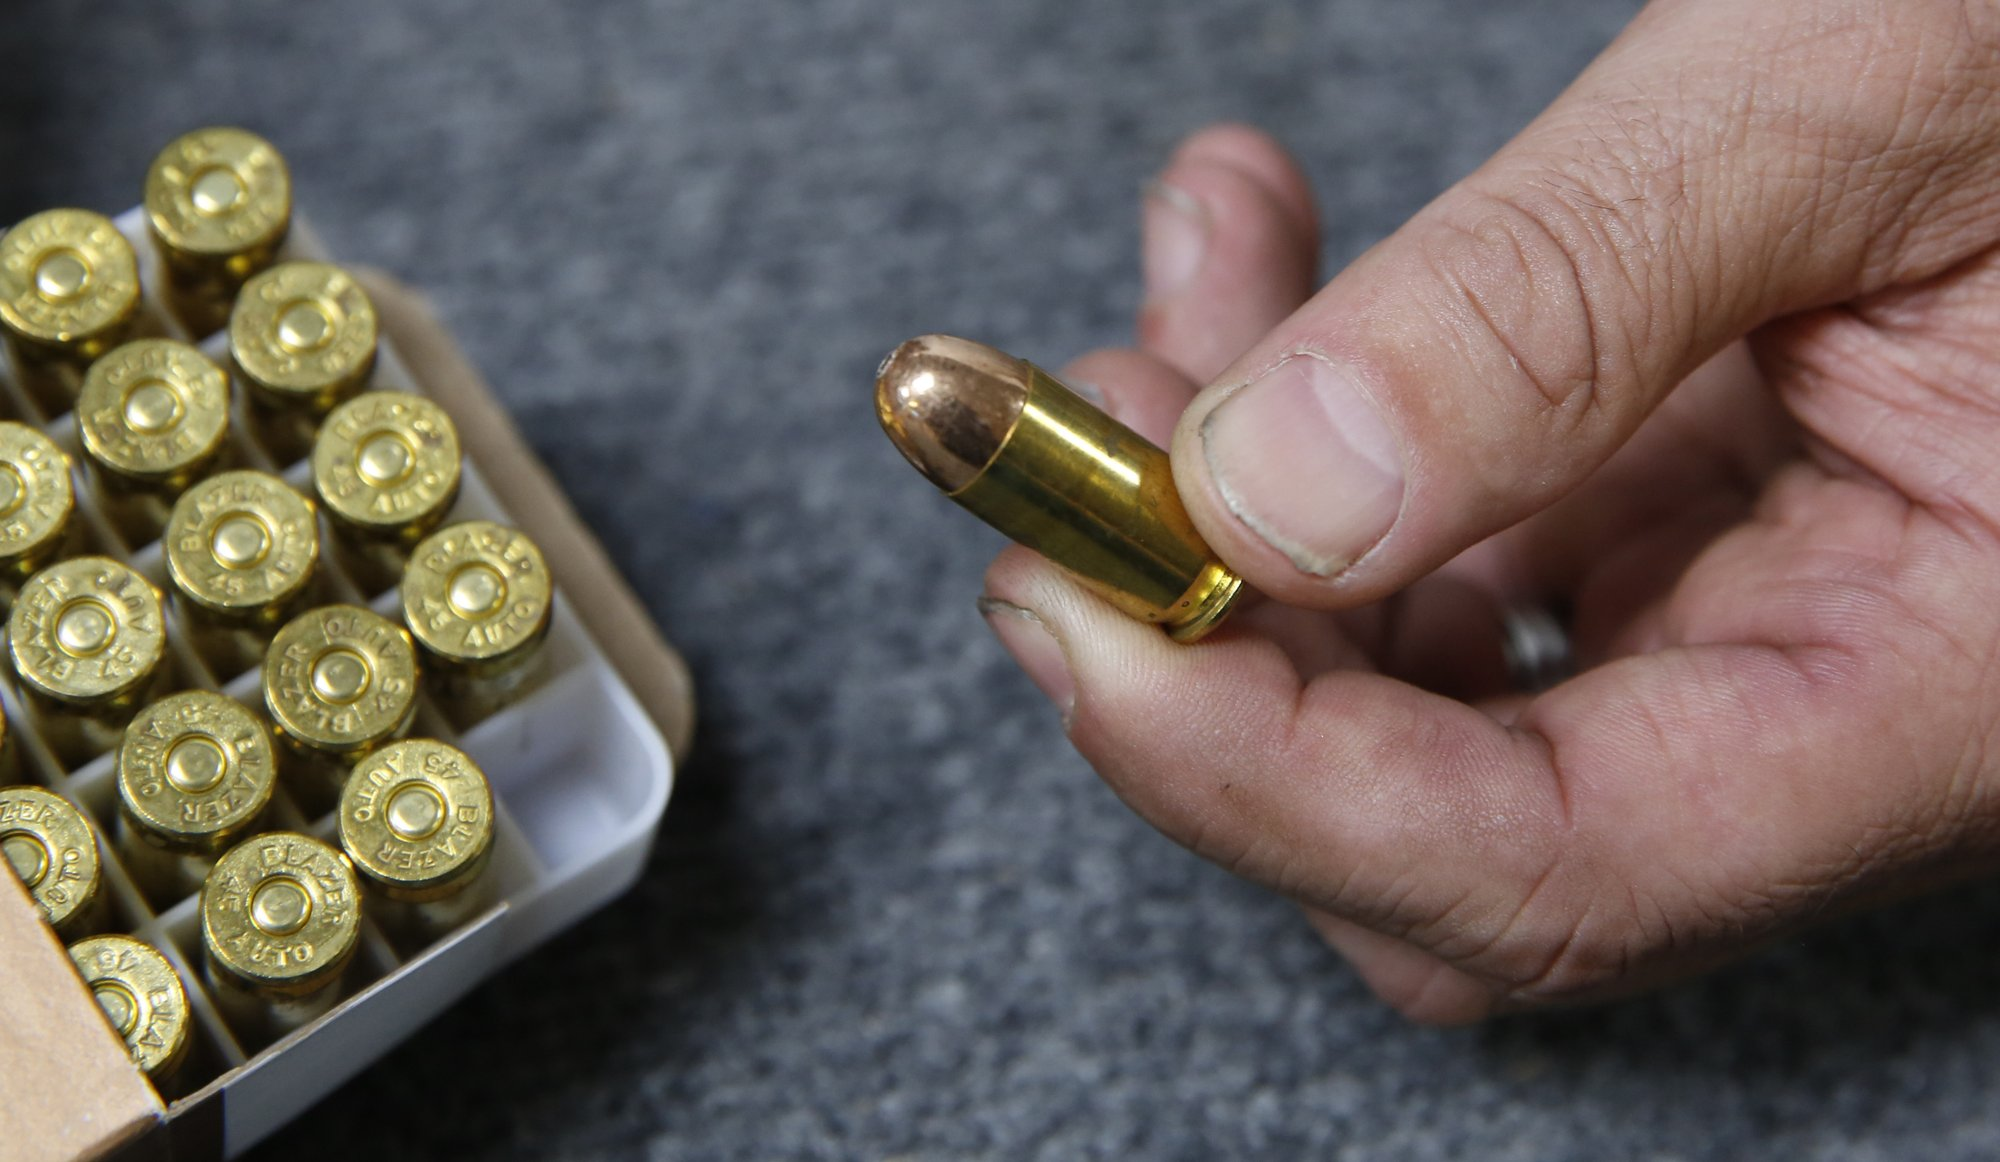 Glitches snarl start of California's ammo background checks